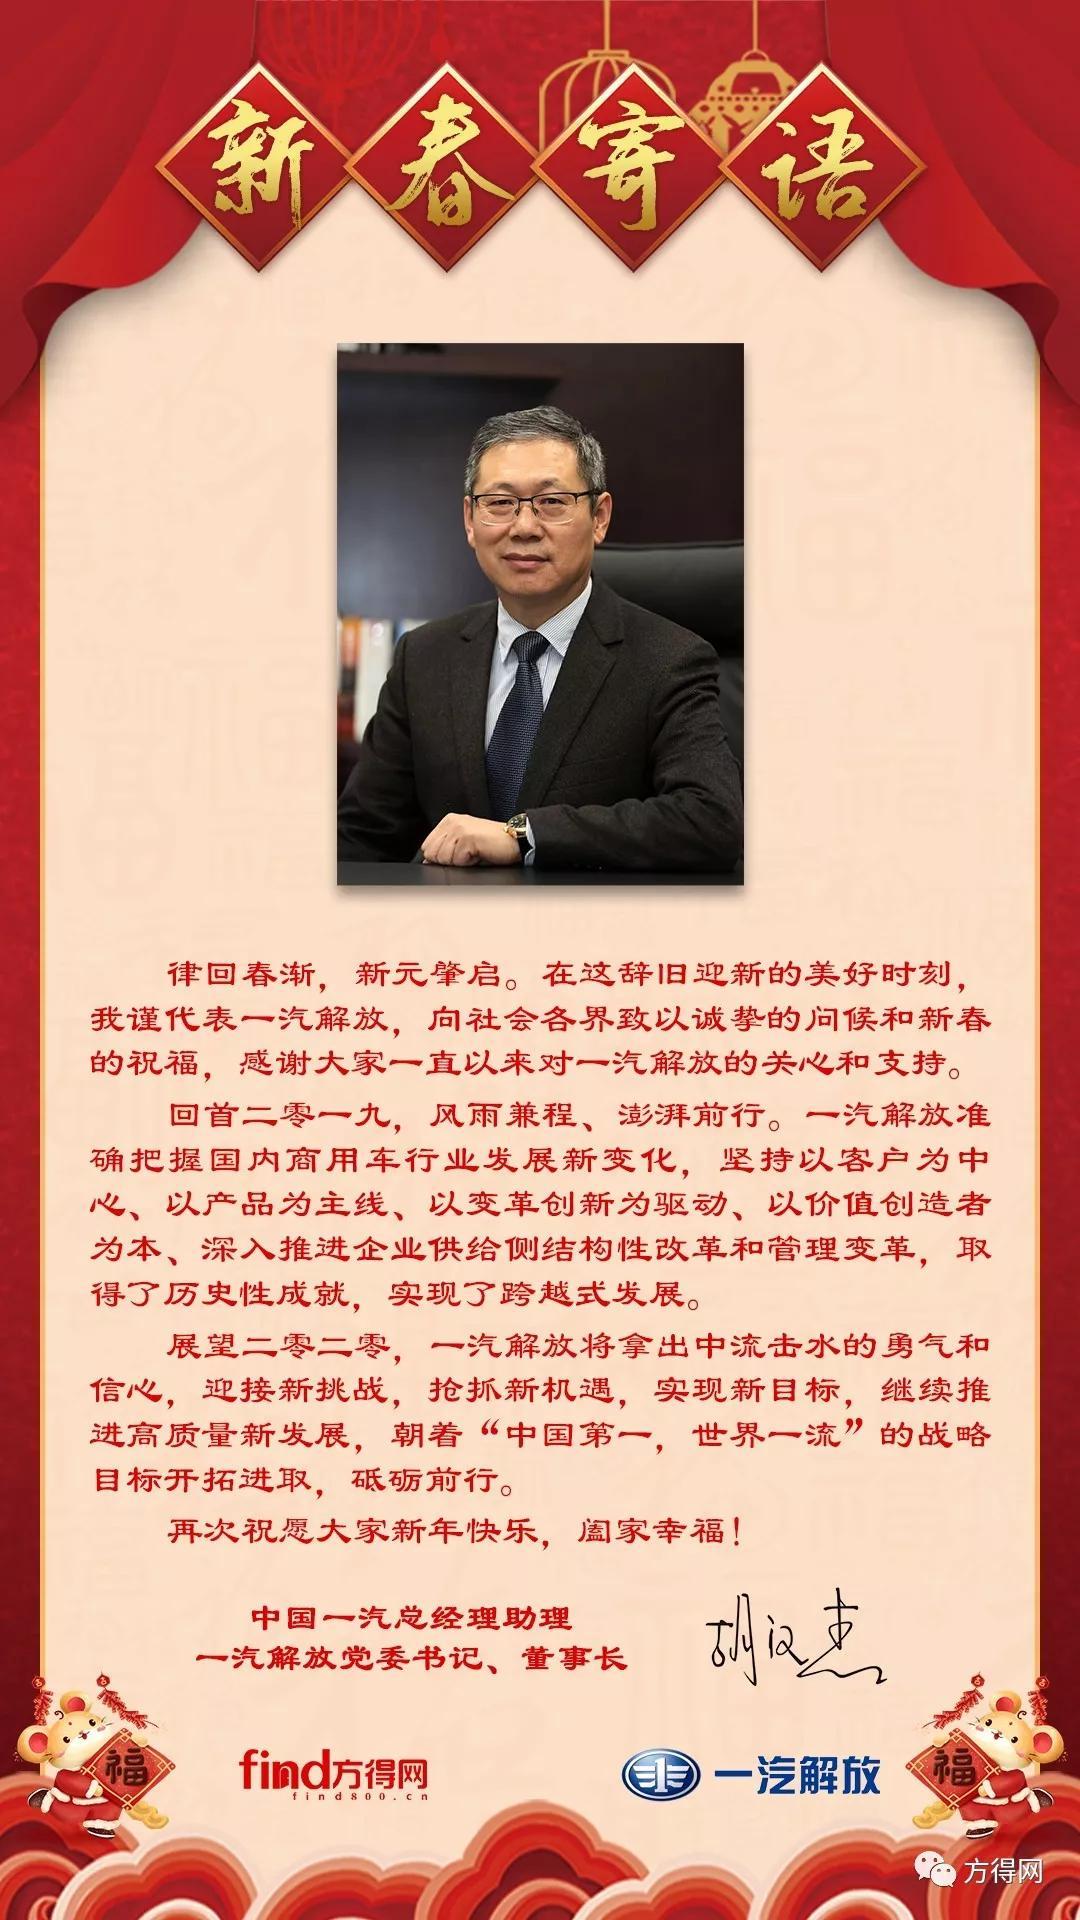 中国一汽总经理助理、一汽解放党委书记、董事长胡汉杰的新年祝福